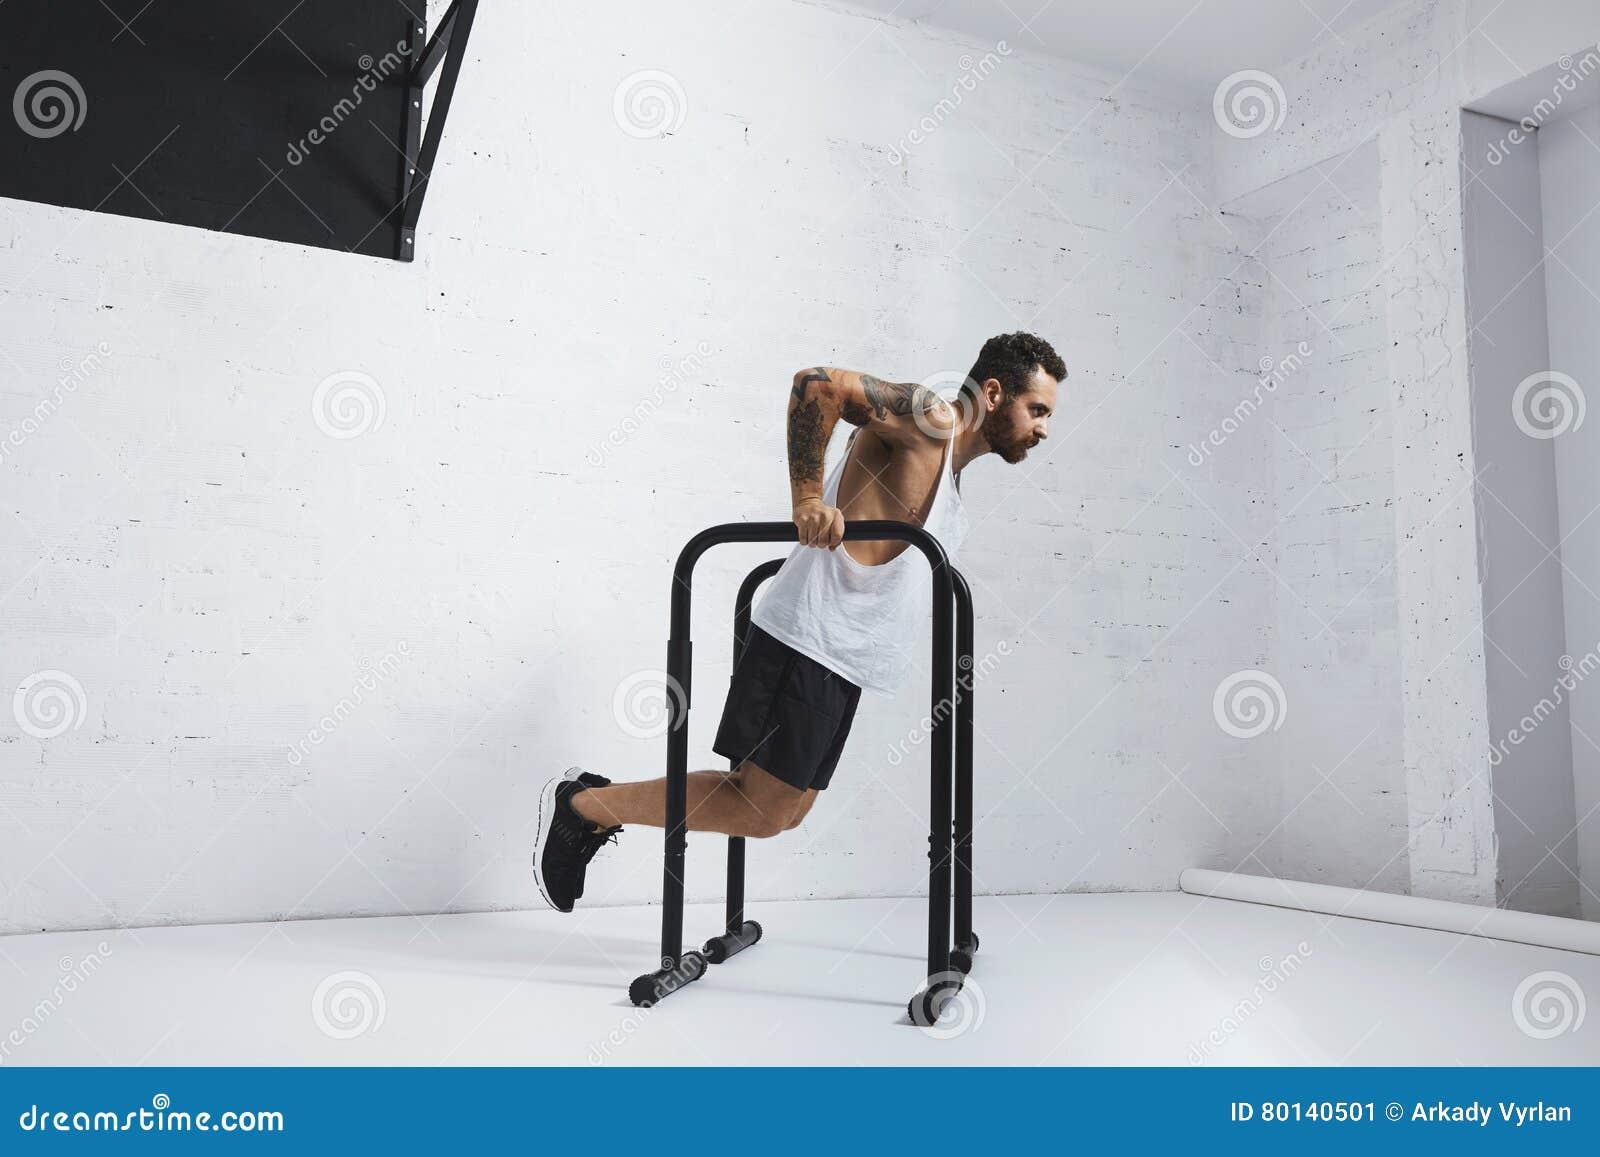 Calisthenic och bodyweightövningar